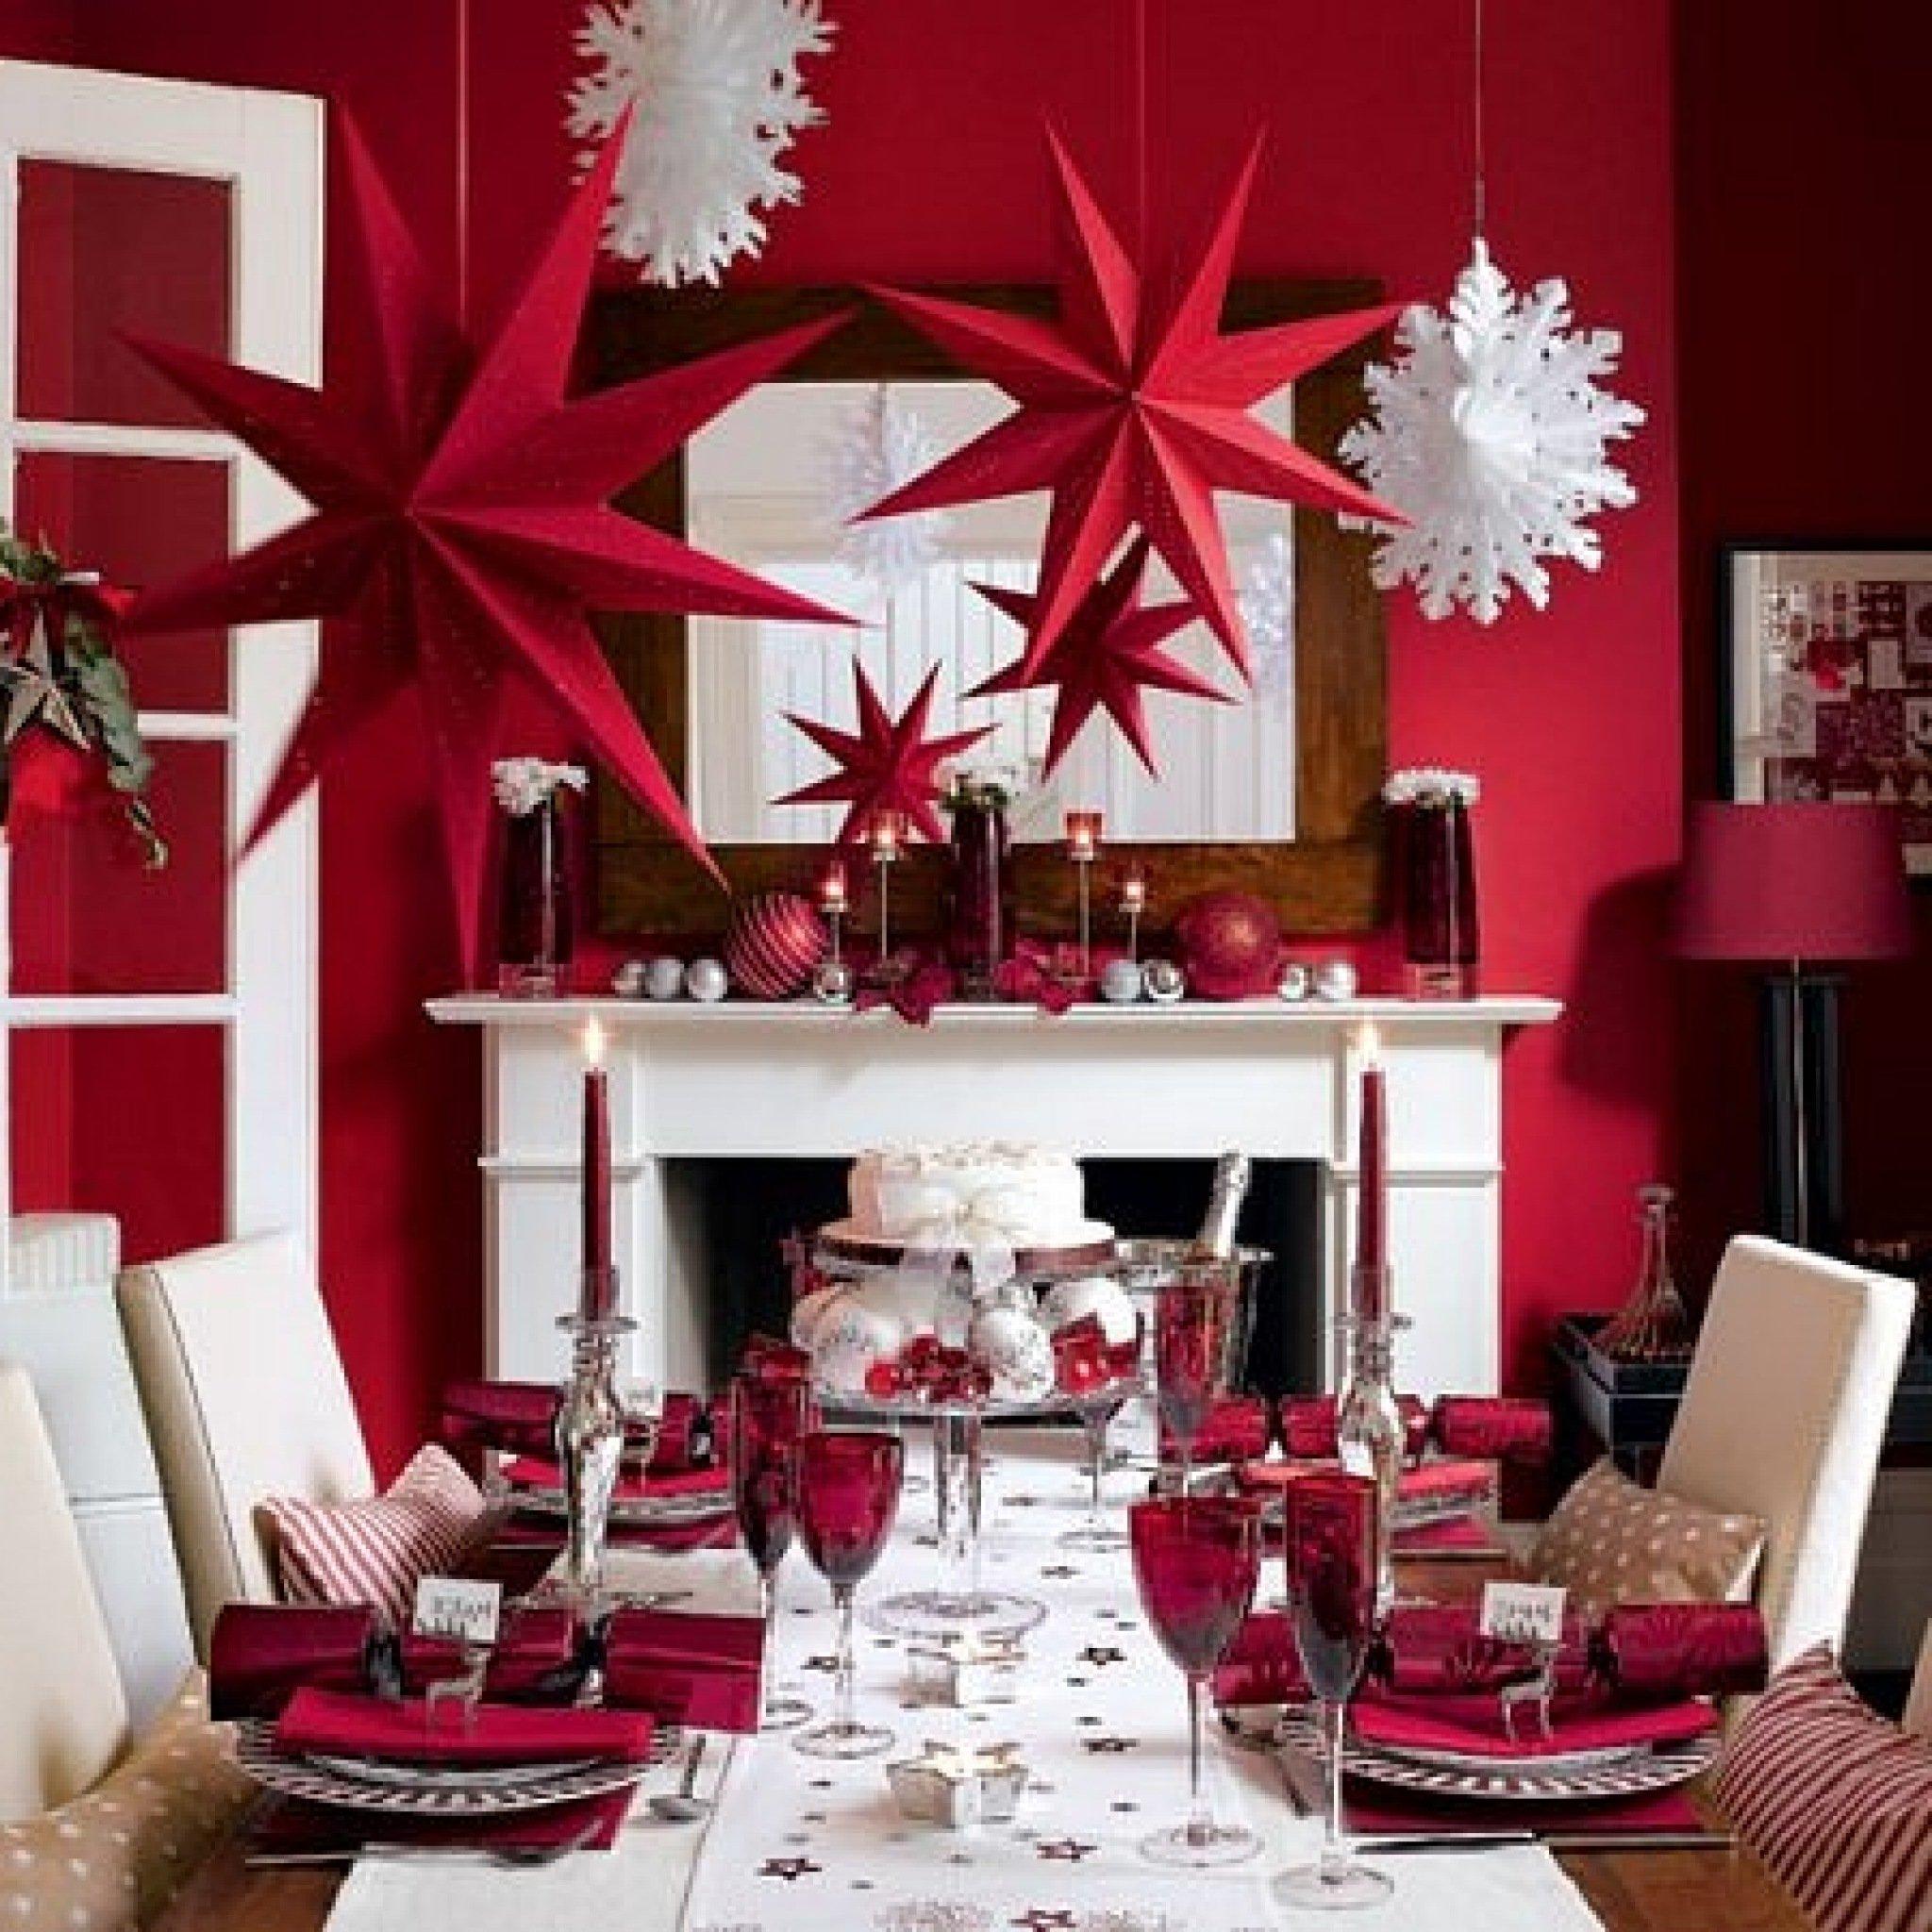 Как украсить красиво квартиру на новый год 2017